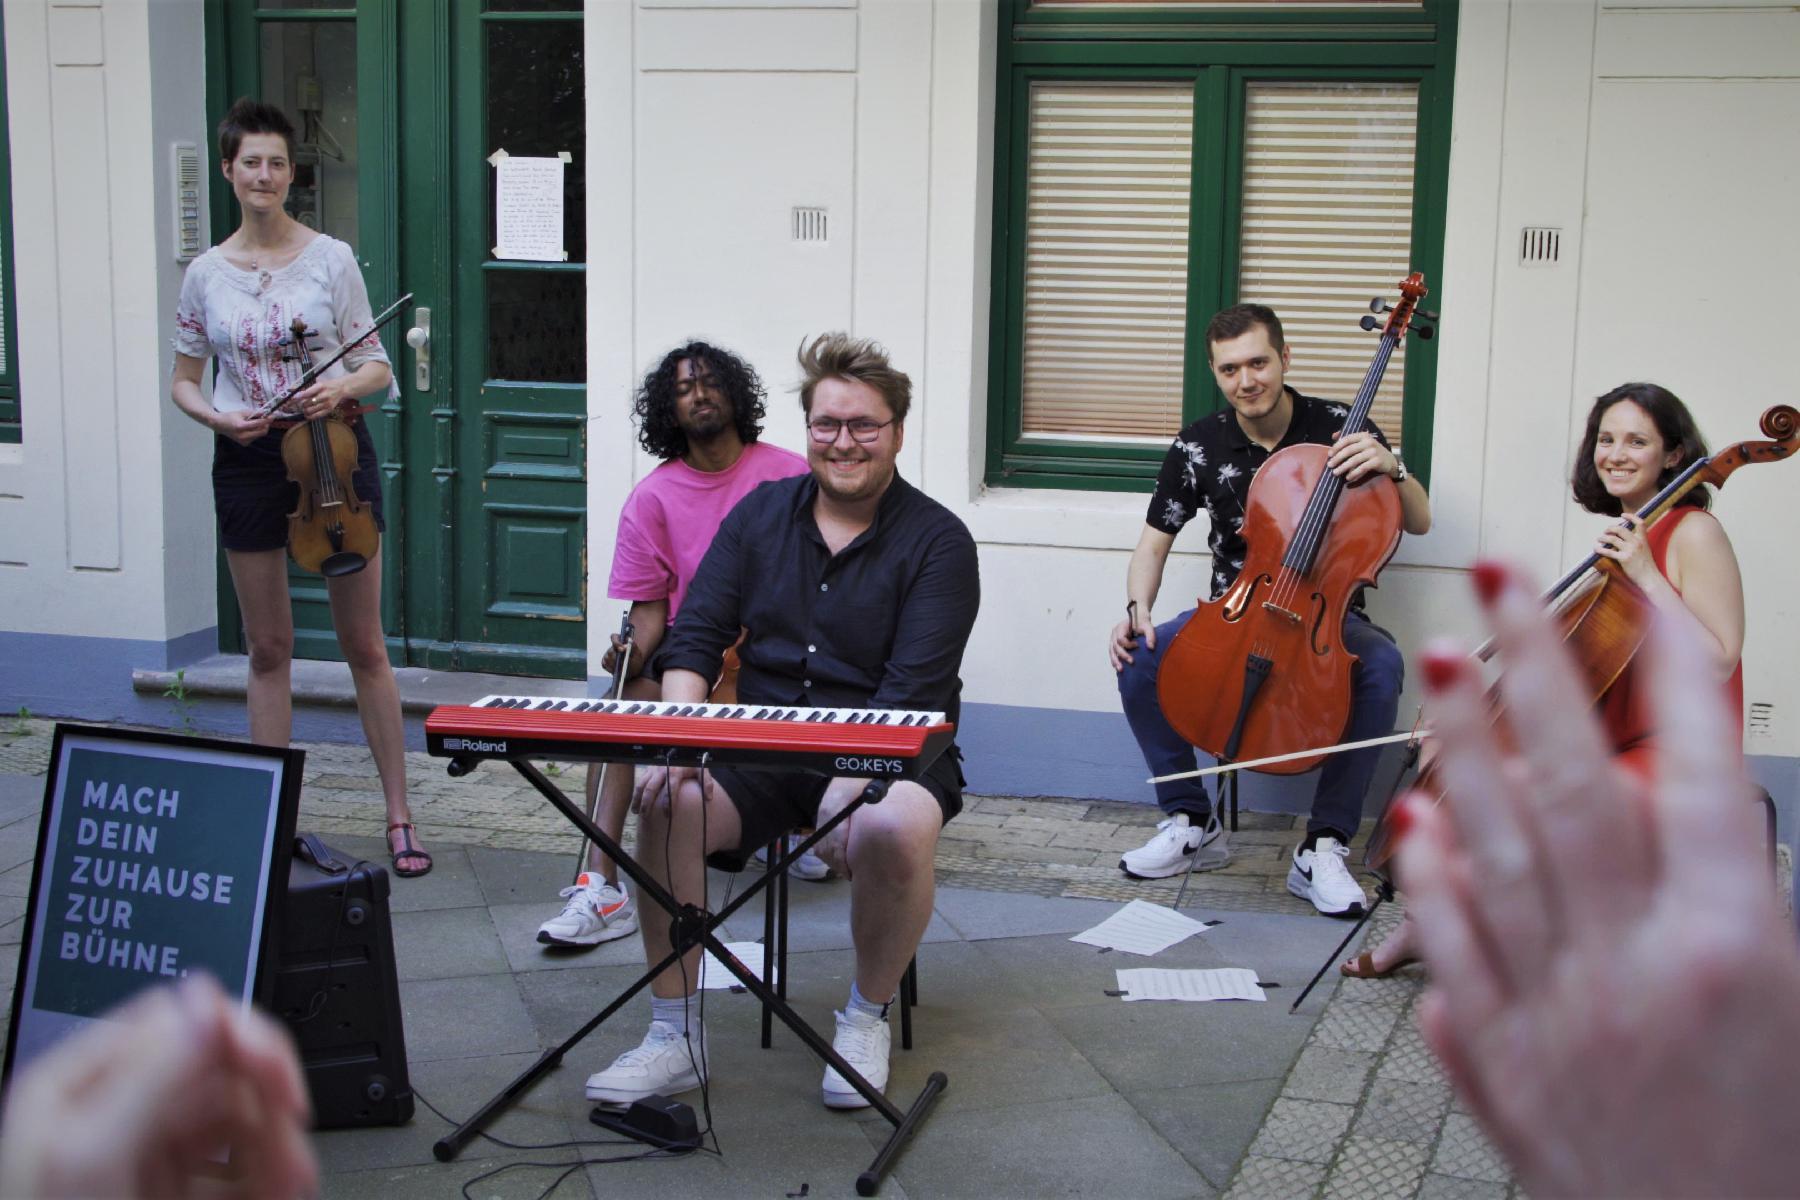 Pianist ABBOTT mit Cellisten